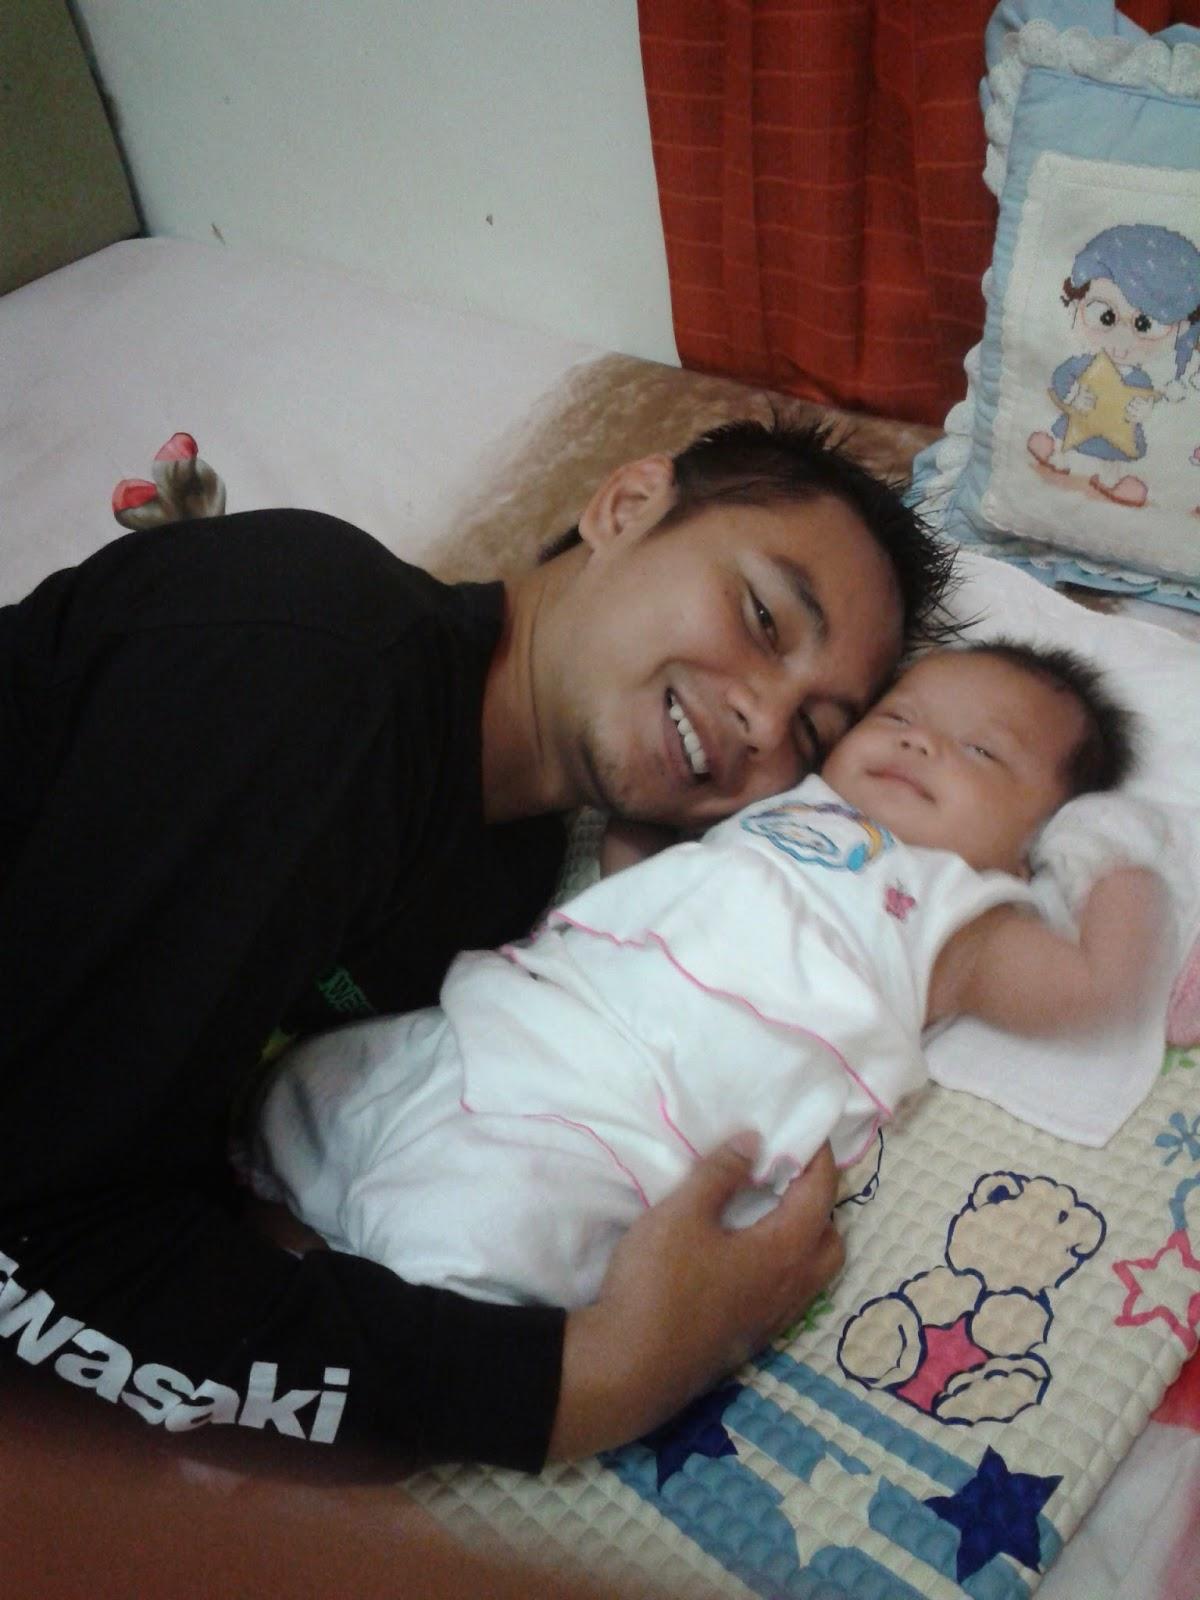 Cecen & Baby Clarissa Astrid Sofia Friezcen